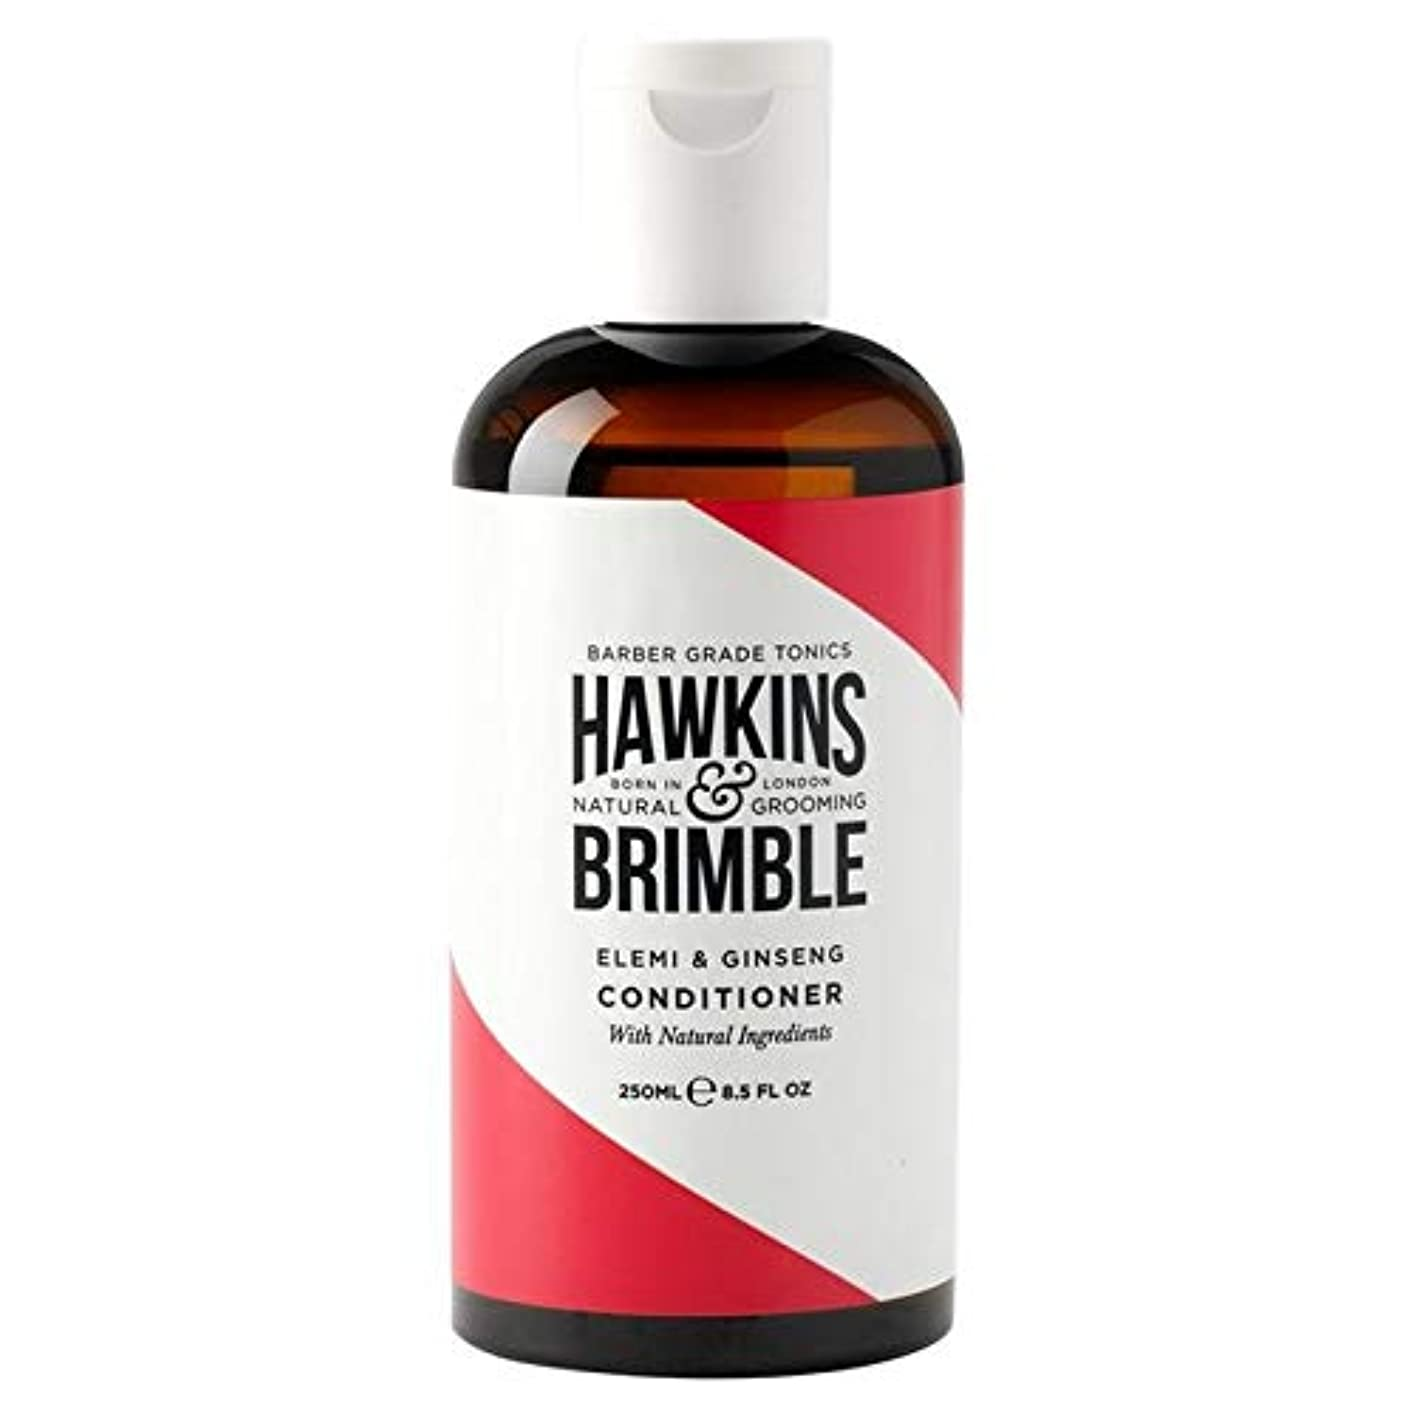 マウント郵便局長さ[Hawkins & Brimble] ホーキンス&Brimbleナチュラルコンディショナー250Ml - Hawkins & Brimble Natural Conditioner 250ml [並行輸入品]